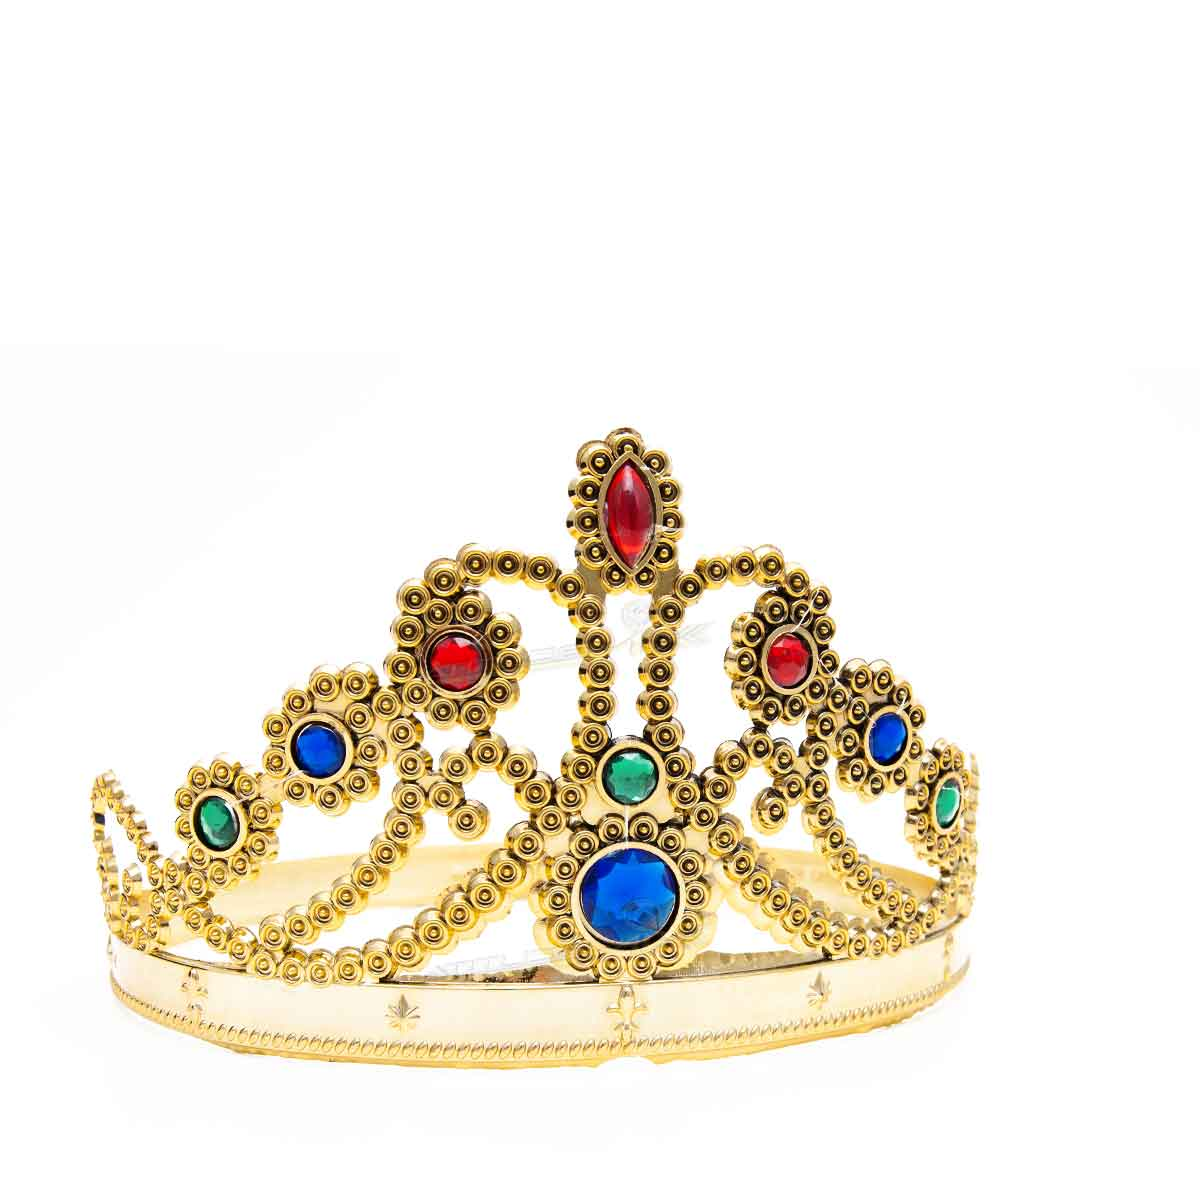 Coroa Rainha Princesa Noiva Festa Debutante Cosplay Dourada